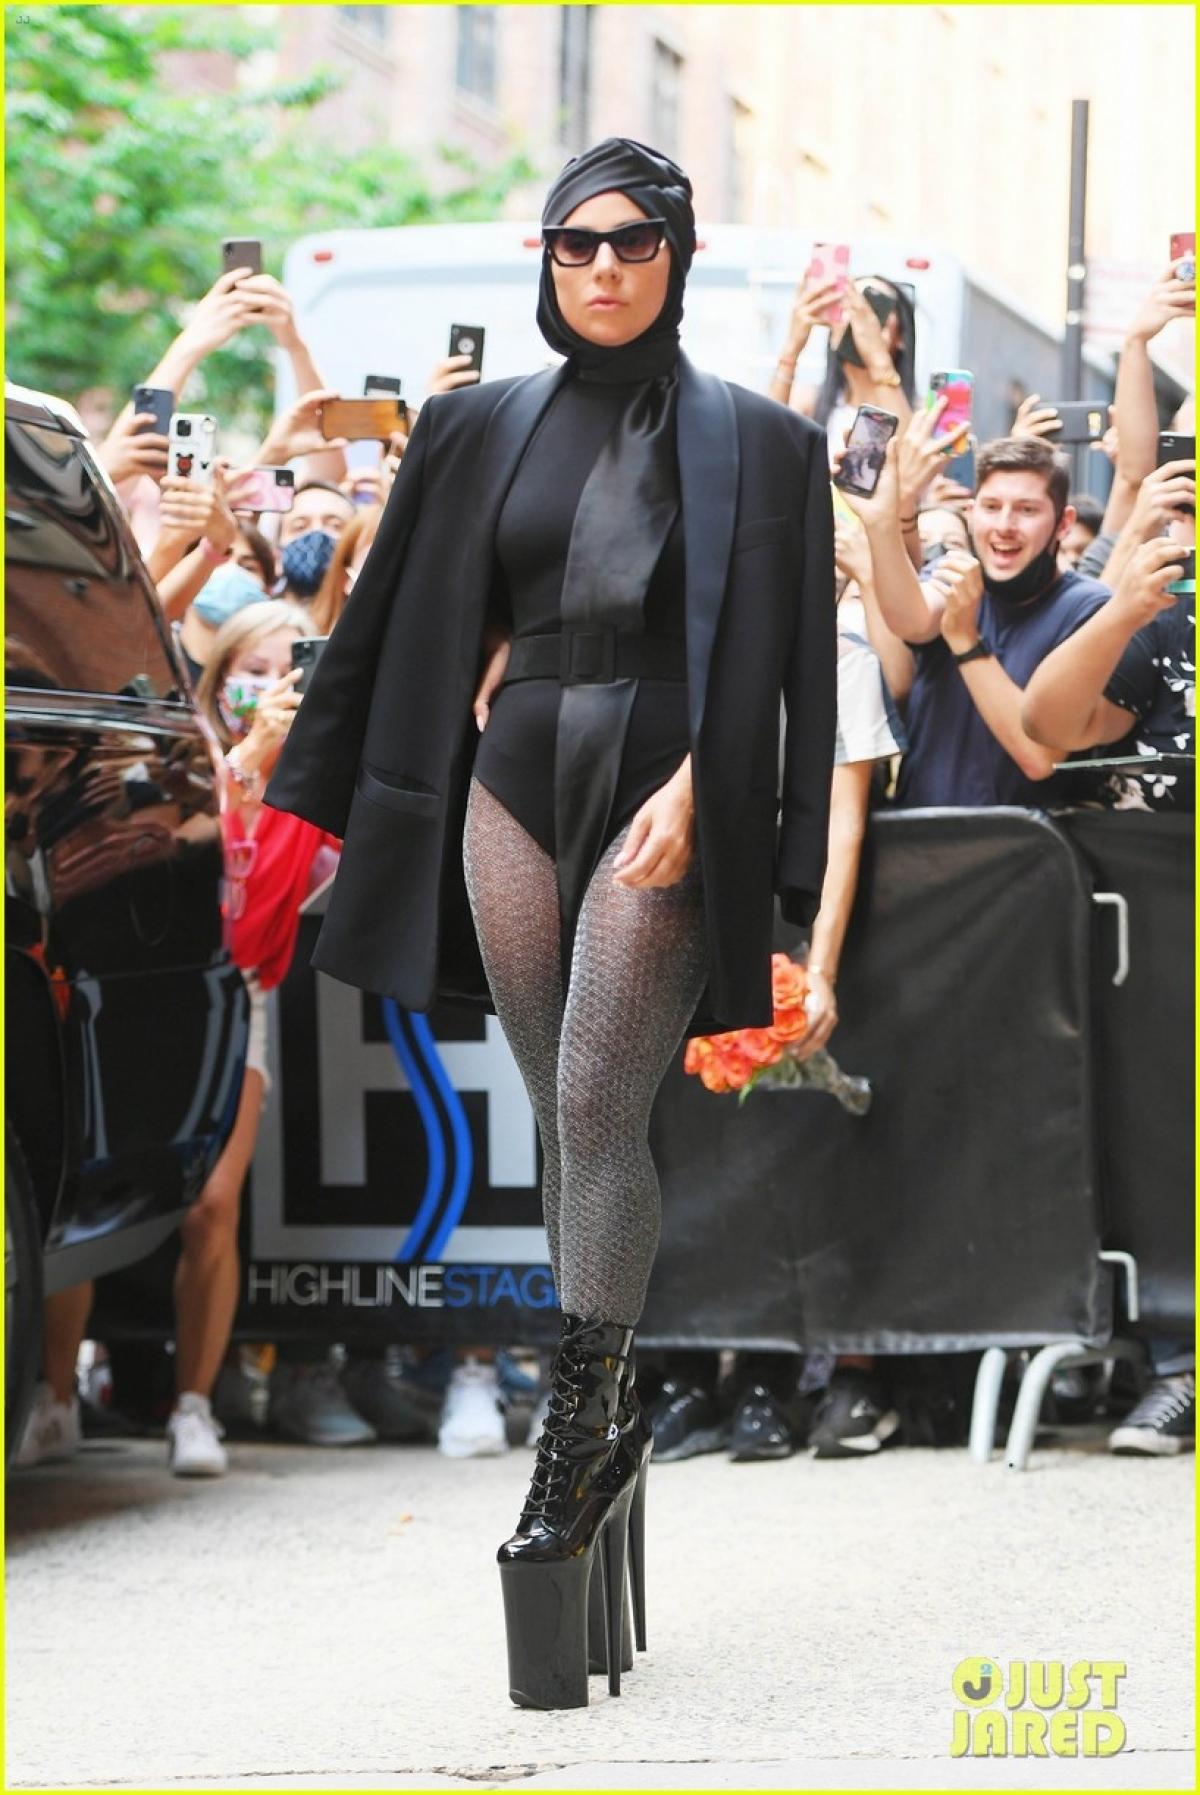 Nữ ca sĩ khoác áo blazer hờ hững bên ngoài bodysuit gợi cảm.